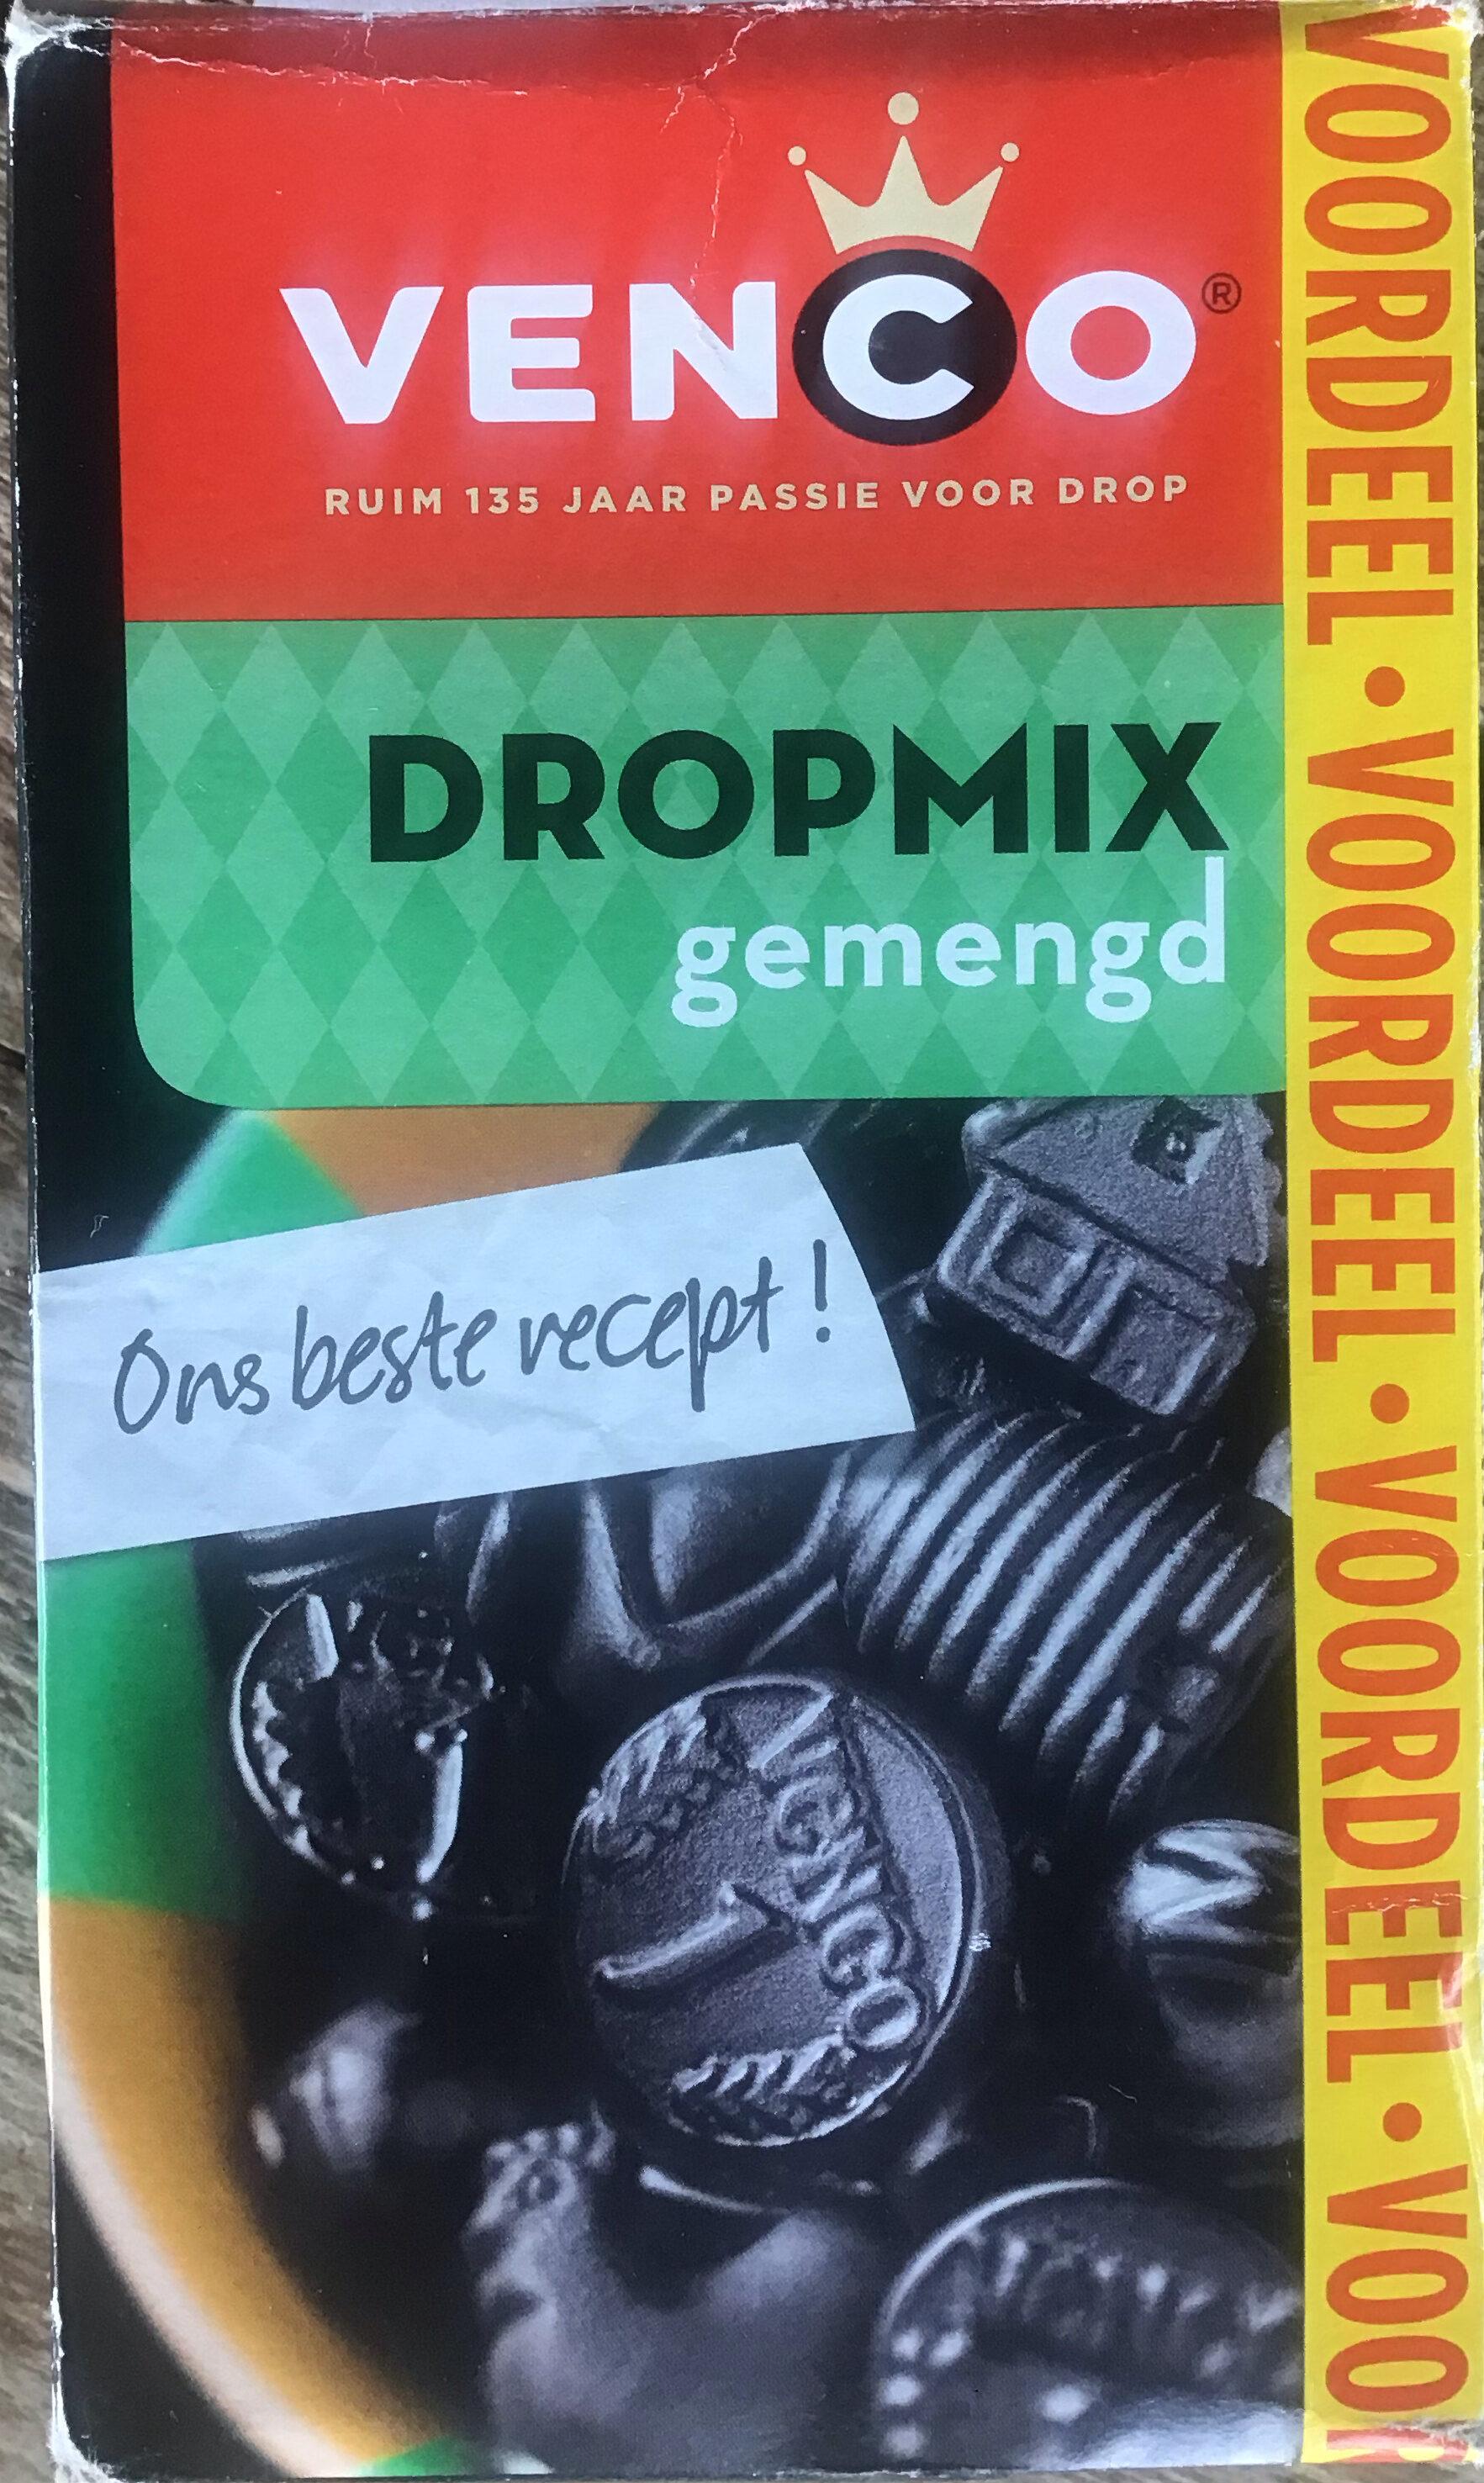 Dropmix gemengd - Product - nl